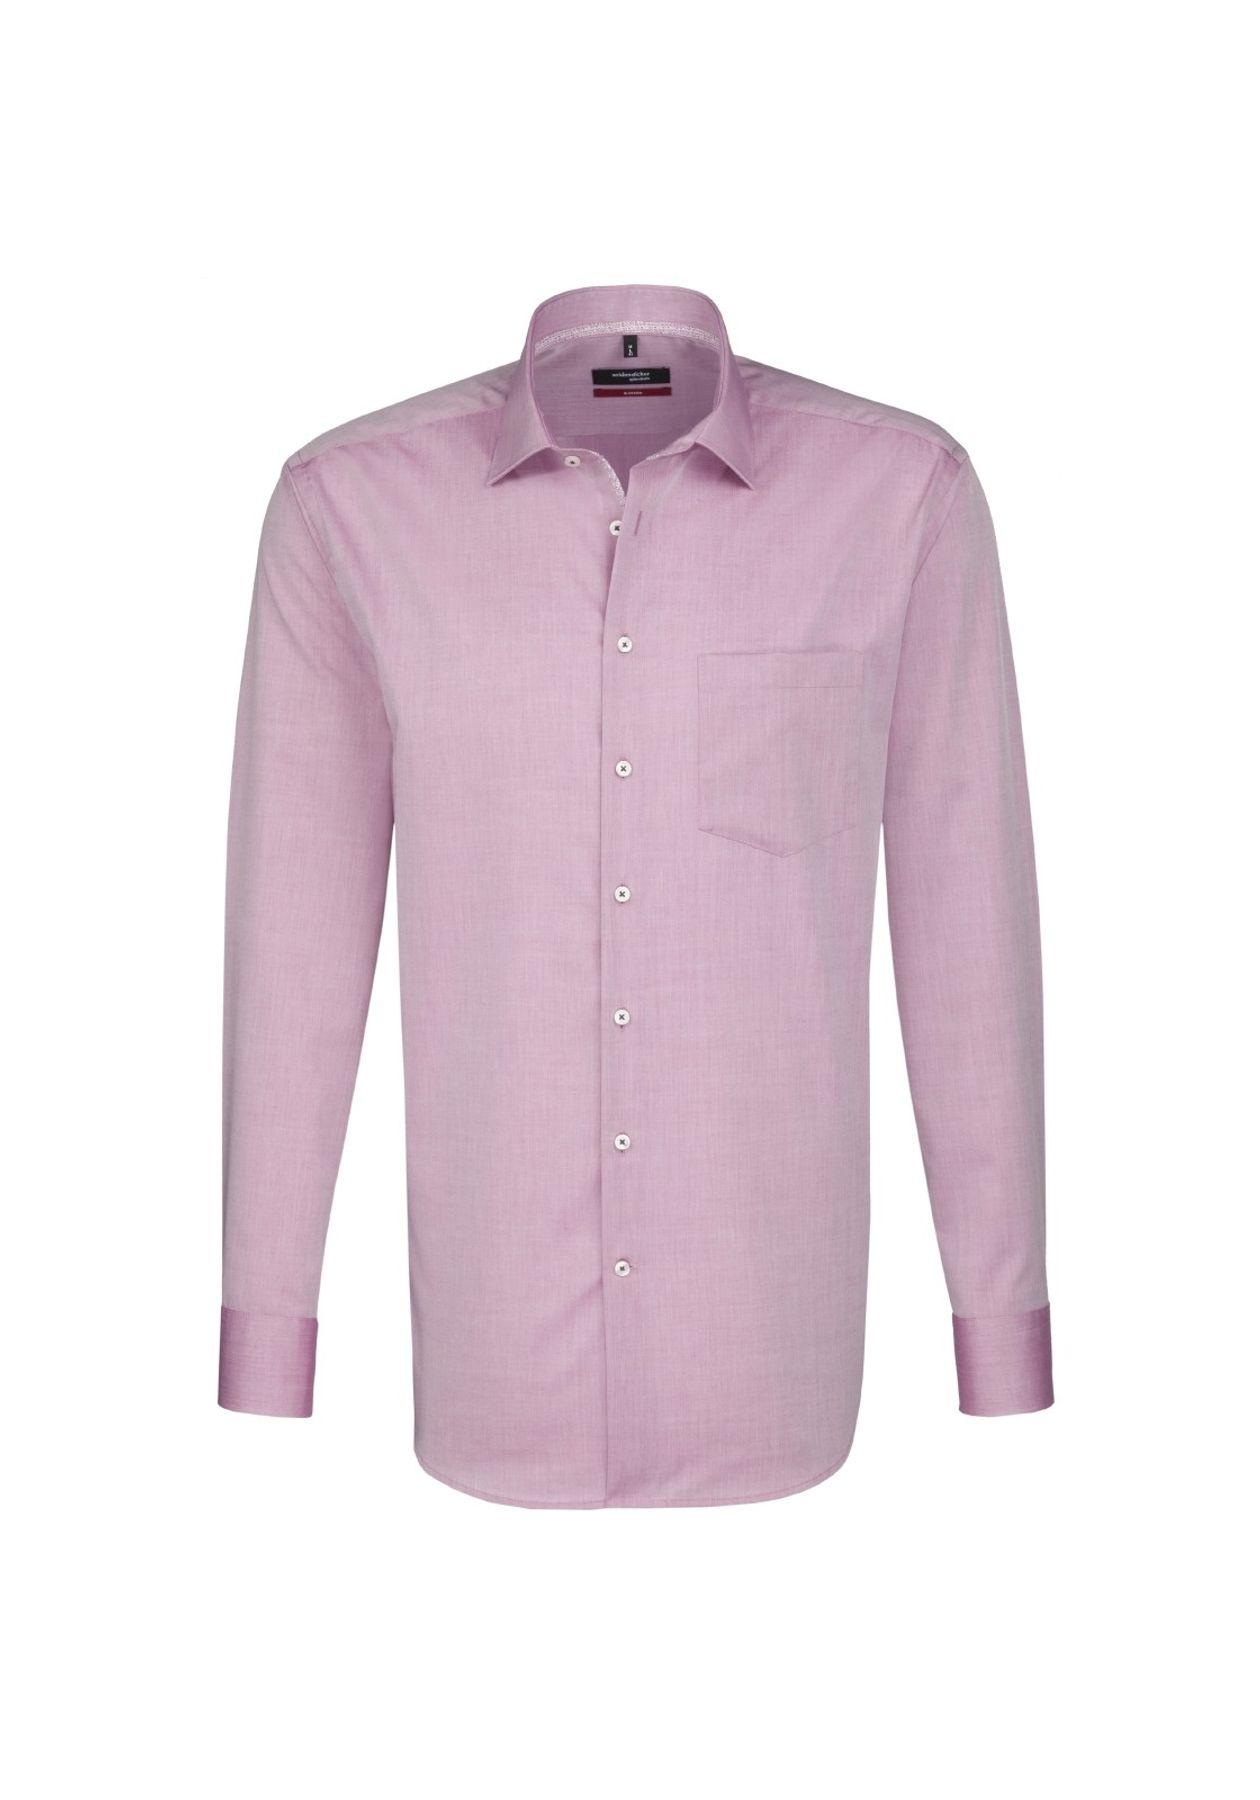 Seidensticker - Herren Hemd, Bügelfrei, Modern, Splendesto mit Kent Kragen in verschiedenen Farben (01.111846) – Bild 9